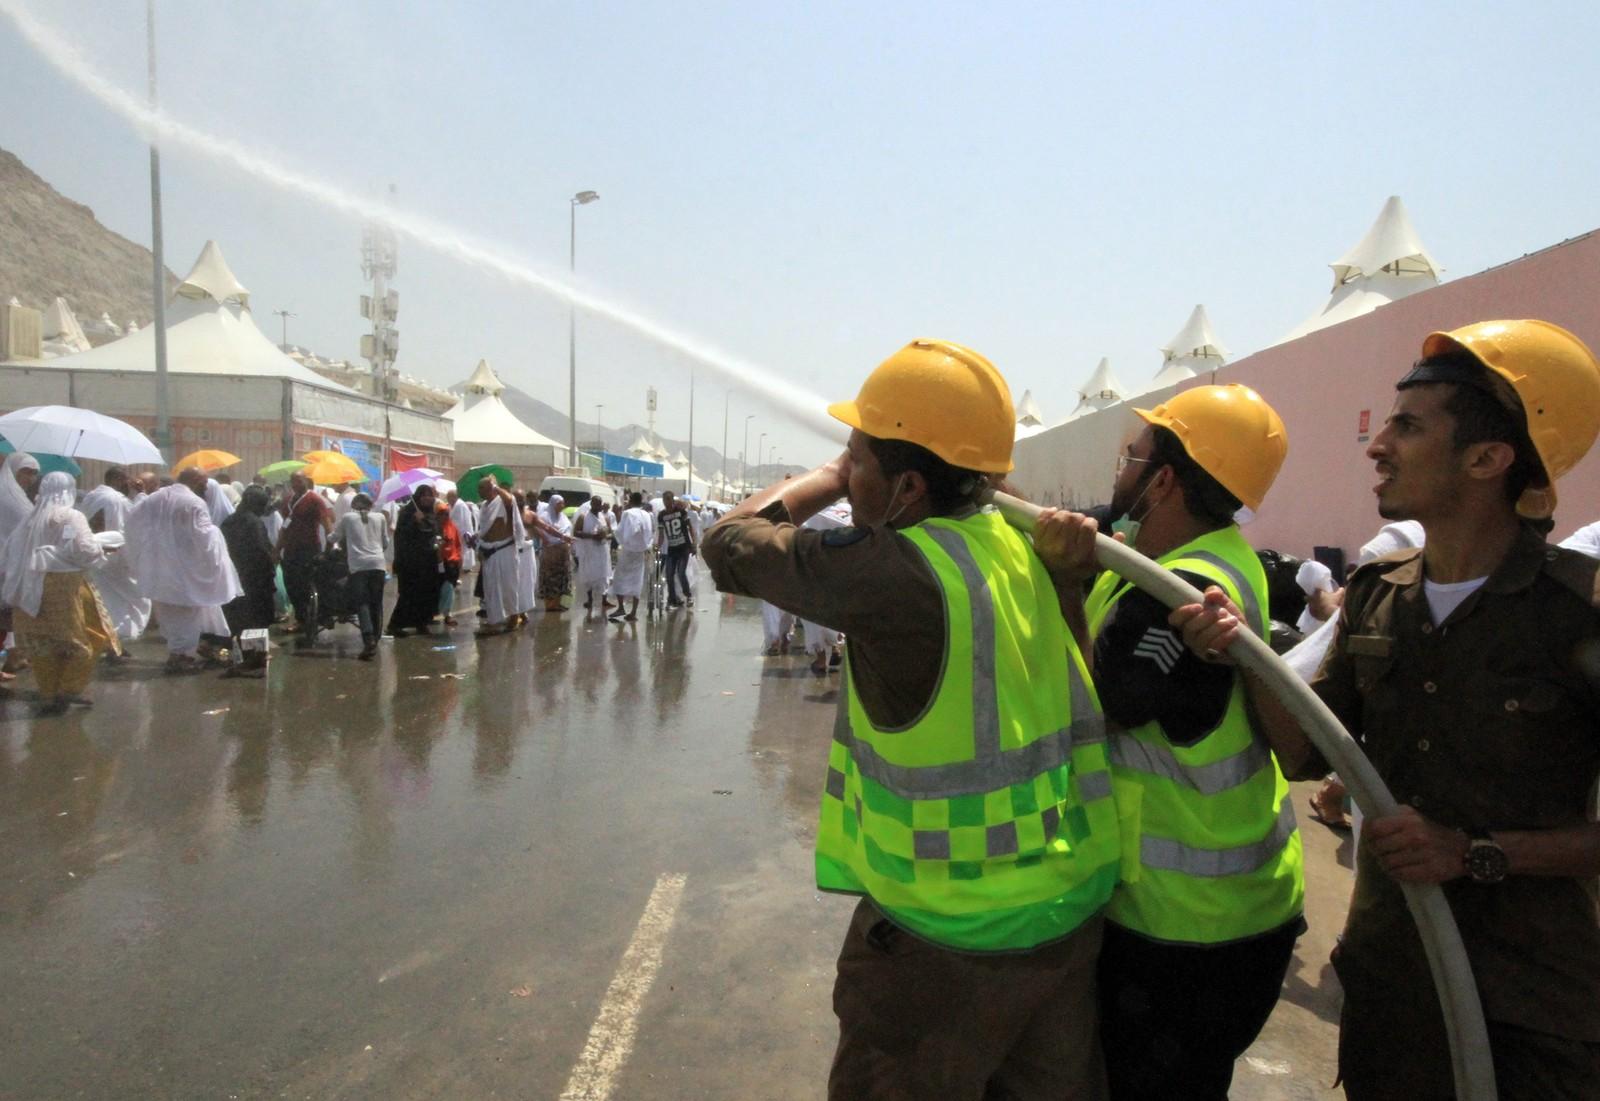 Saudi-arabisk redningspersonell spruter vann på pilegrimer for å kjøle dem ned. Det er over 40 grader i Mina i torsdag.